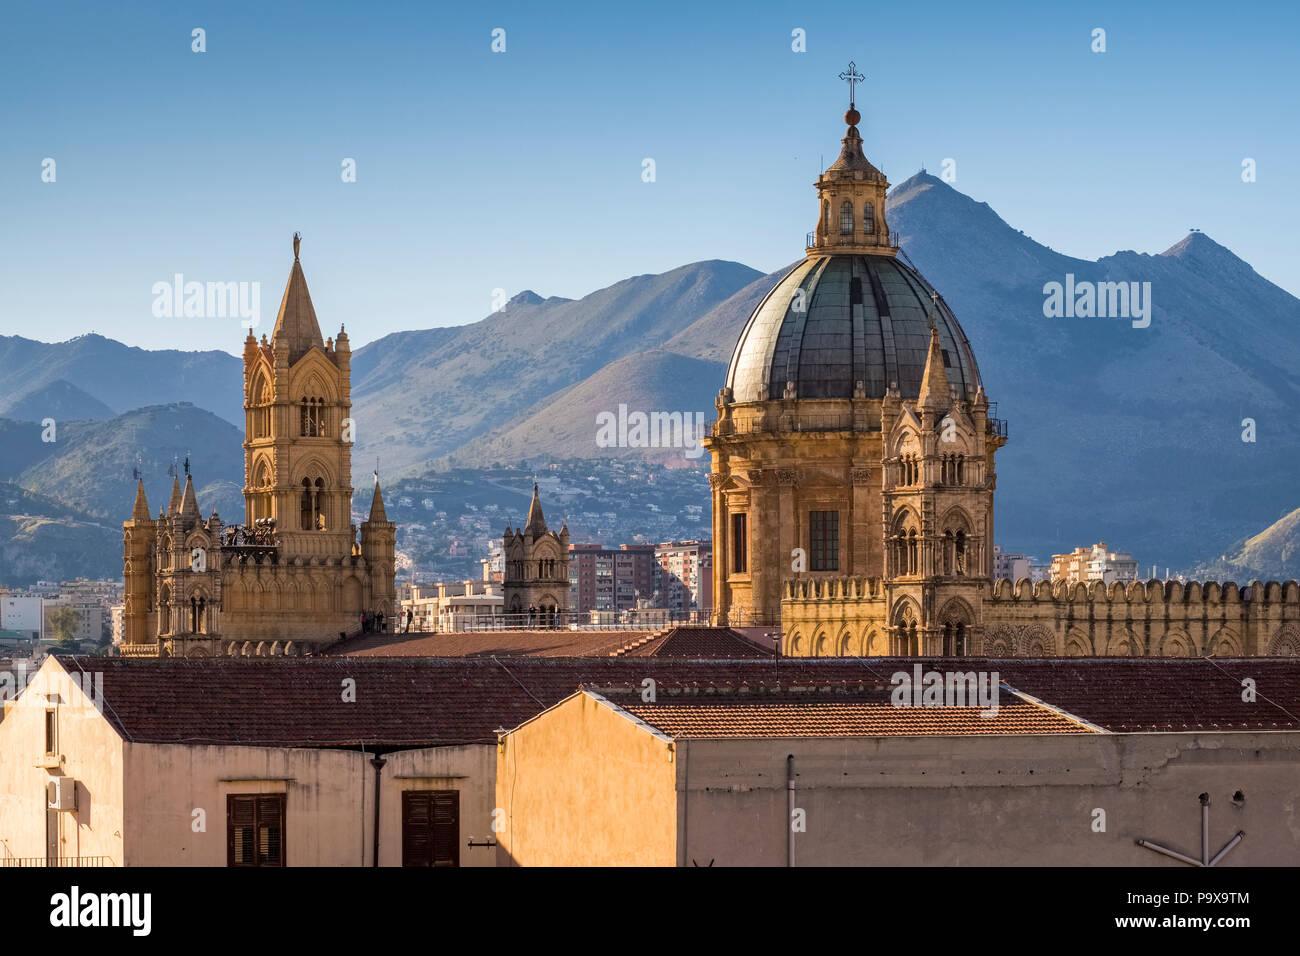 Die Skyline der Stadt von Palermo, Sizilien, Italien, Europa und zeigt die Kuppel der Kathedrale von Palermo Stockbild